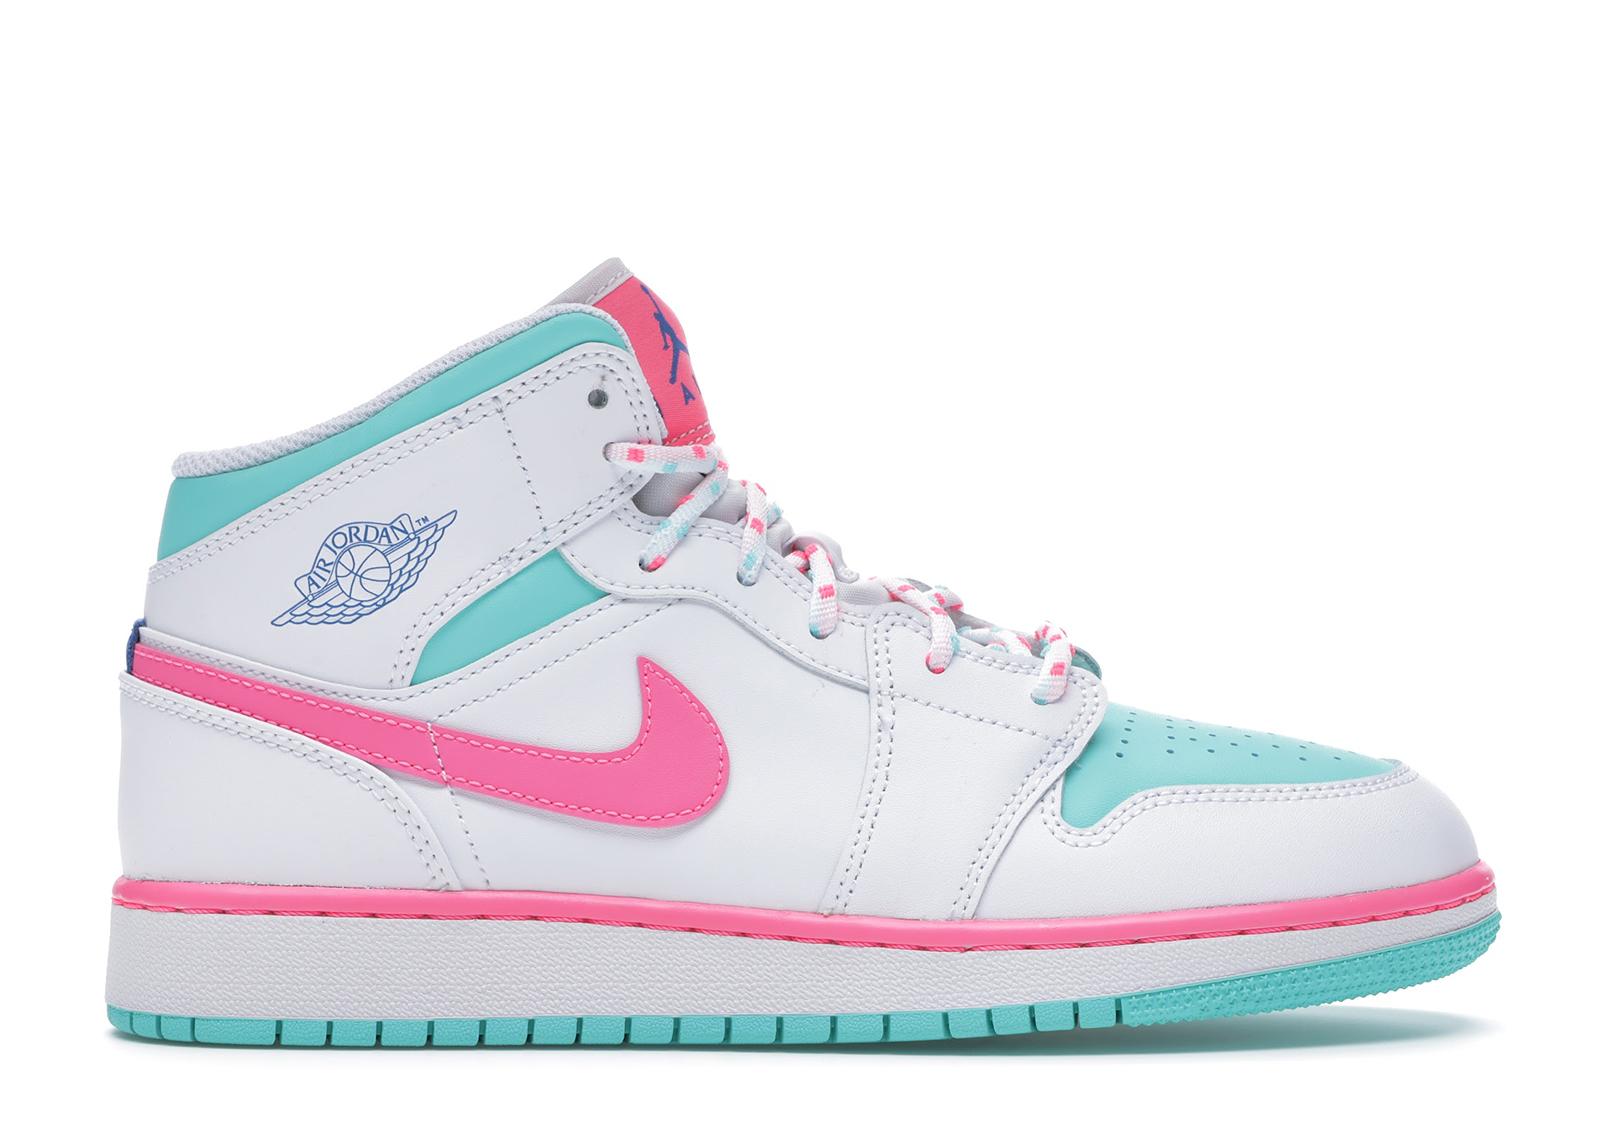 Jordan 1 Mid White Pink Green Soar (GS